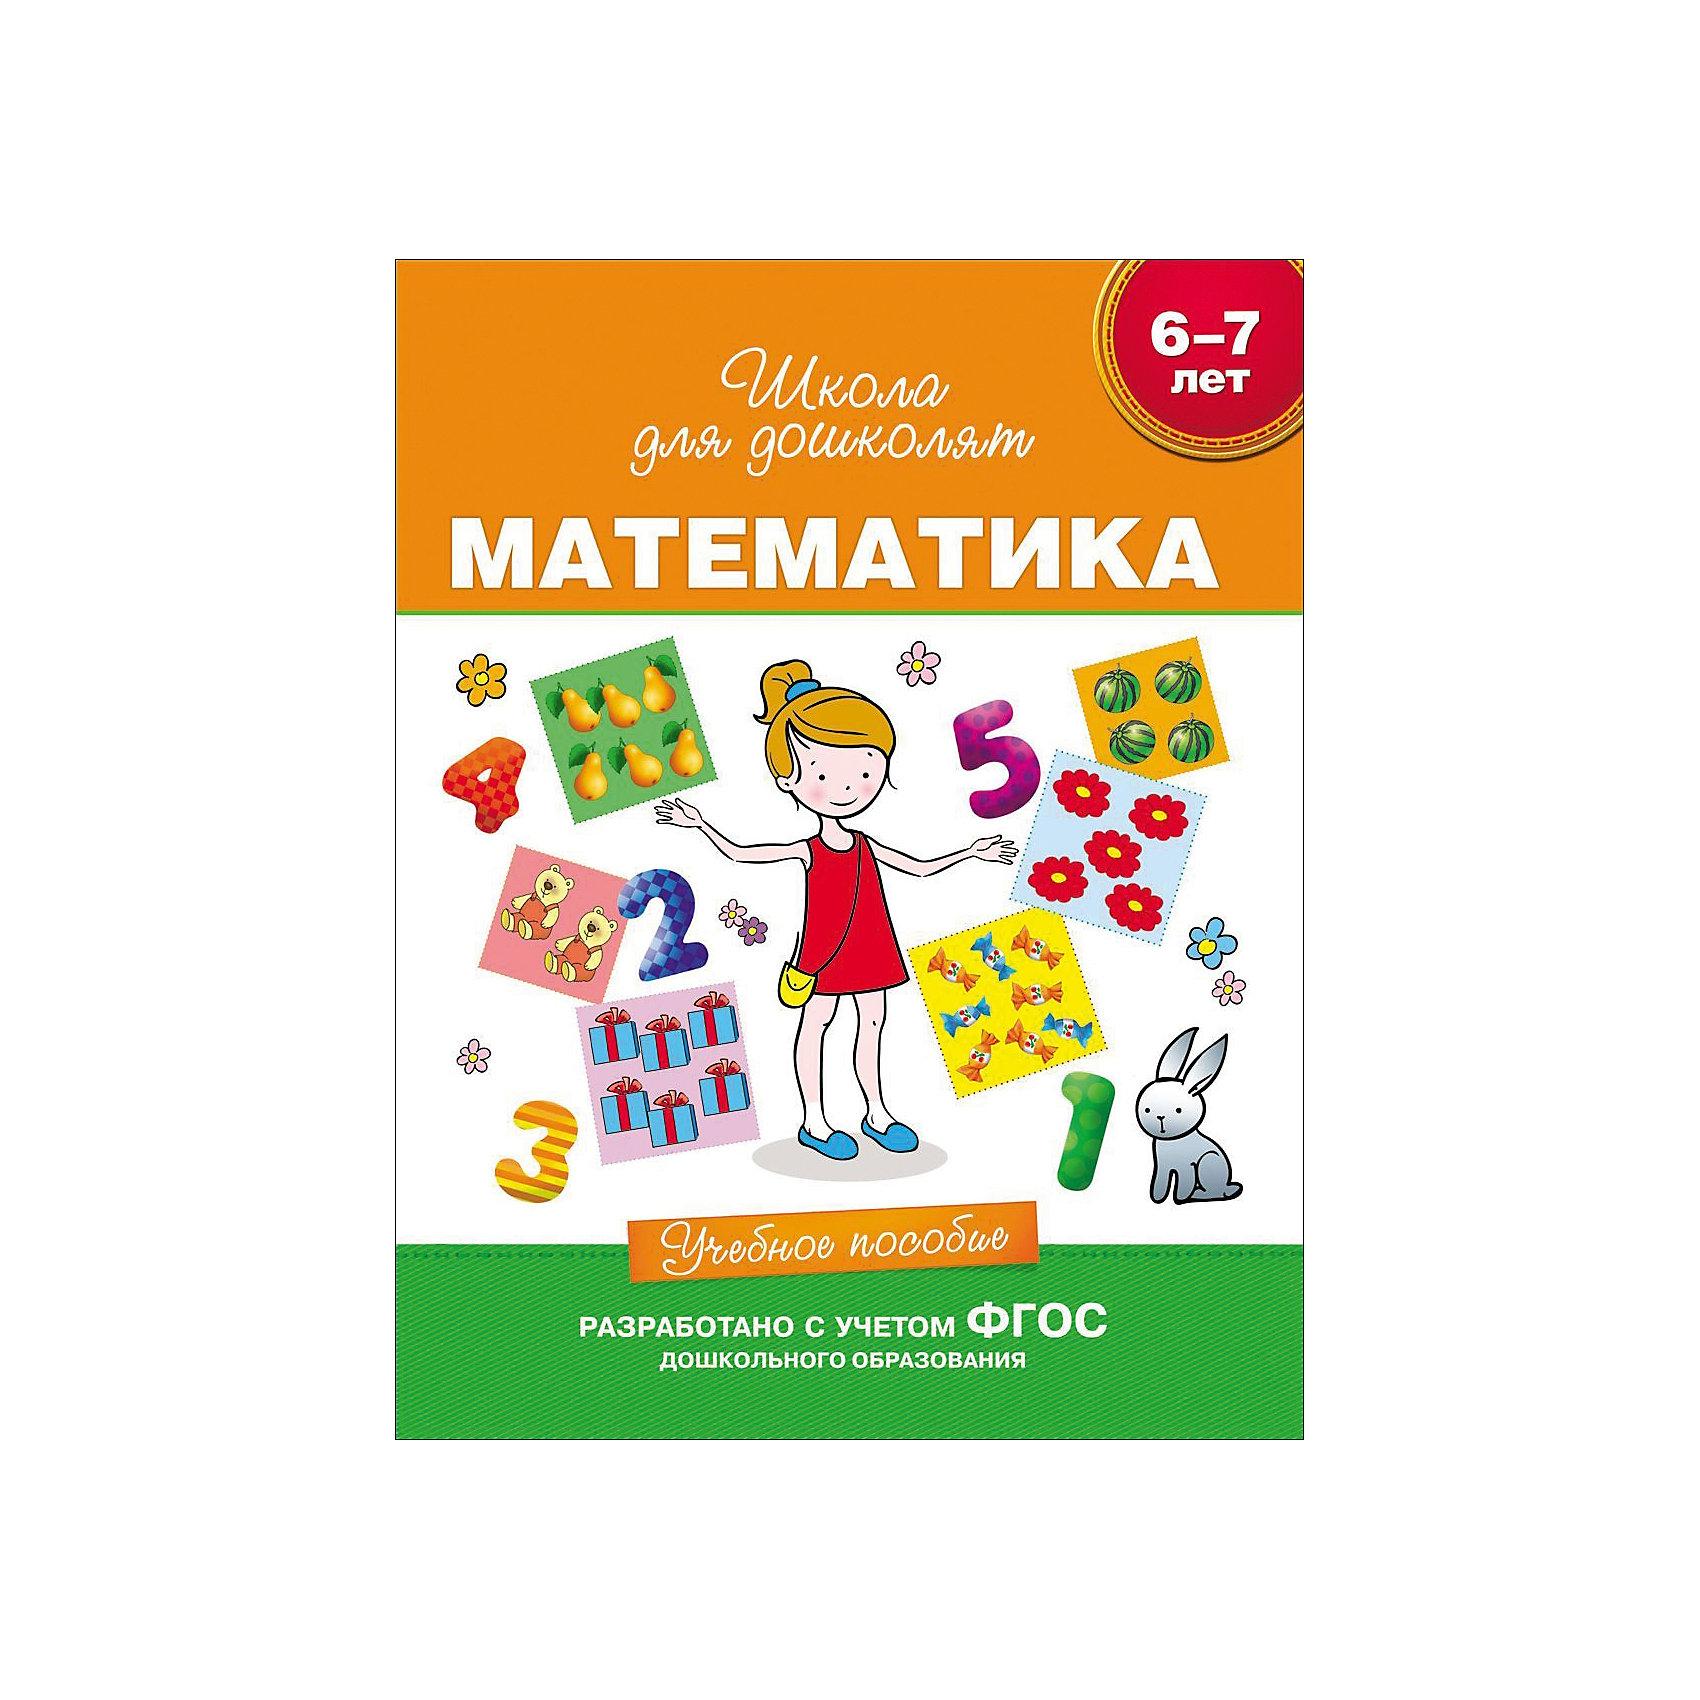 Росмэн Учебное пособие Математика математика учебное пособие